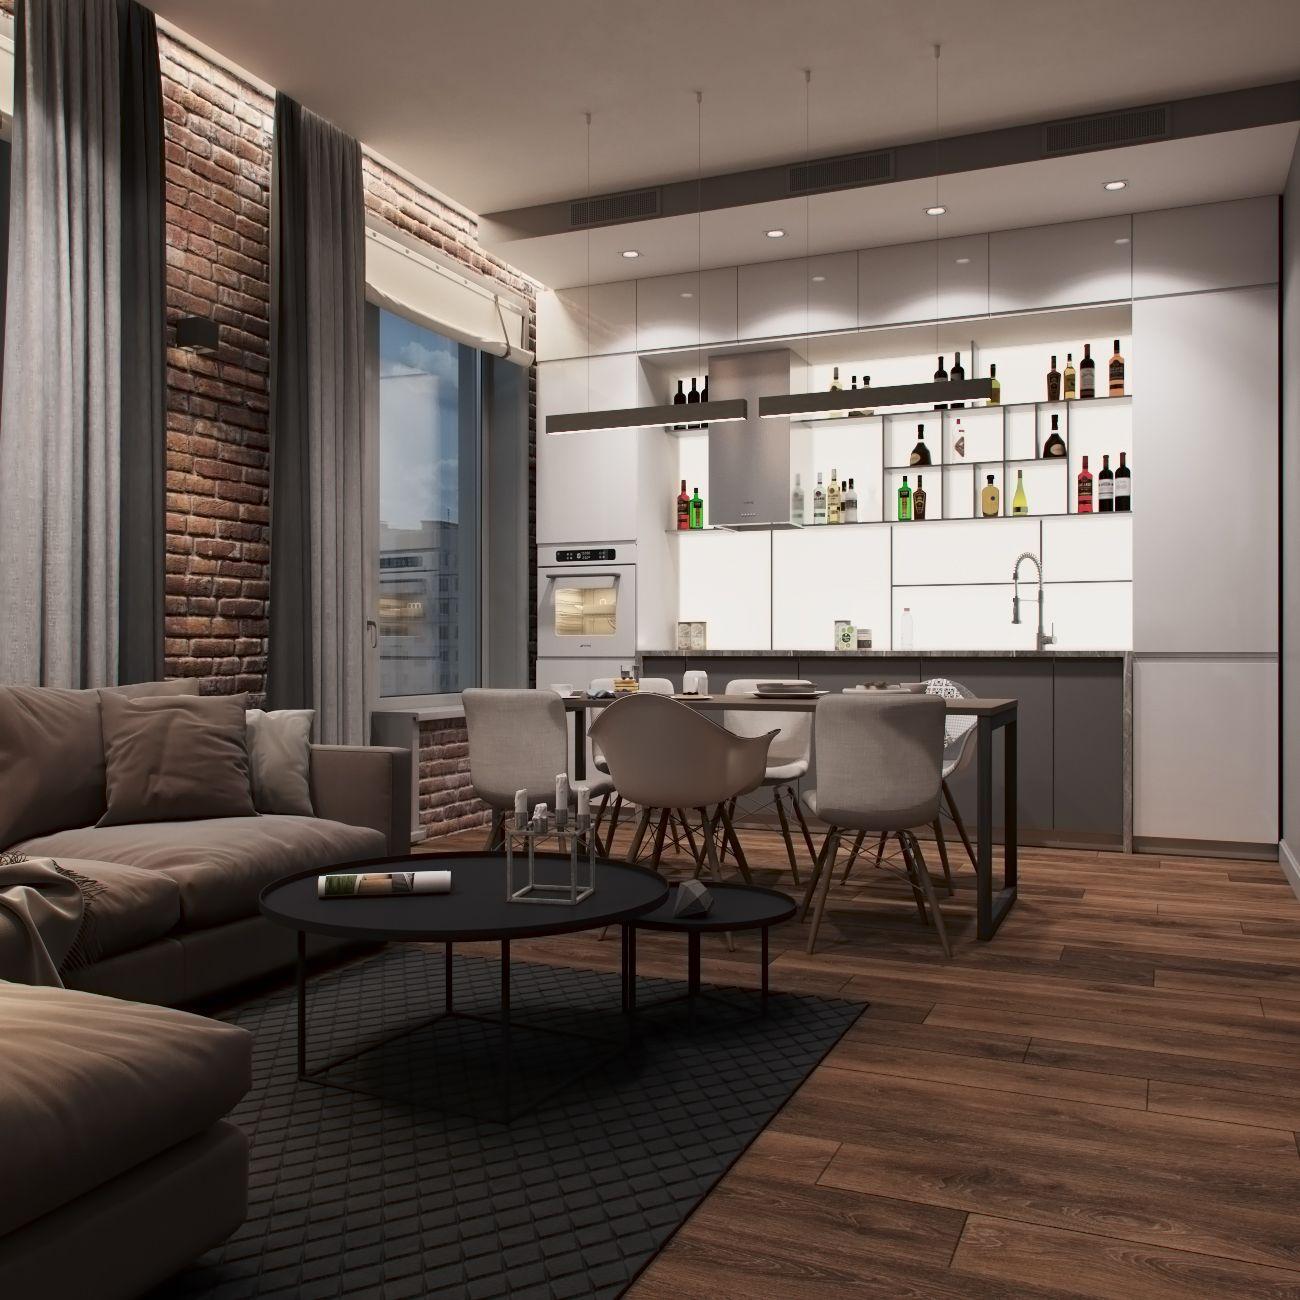 Cheap Loft Apartments: Квартира_Ди76 м2Дизайн: Волкова Арина, @arixavol3dmax